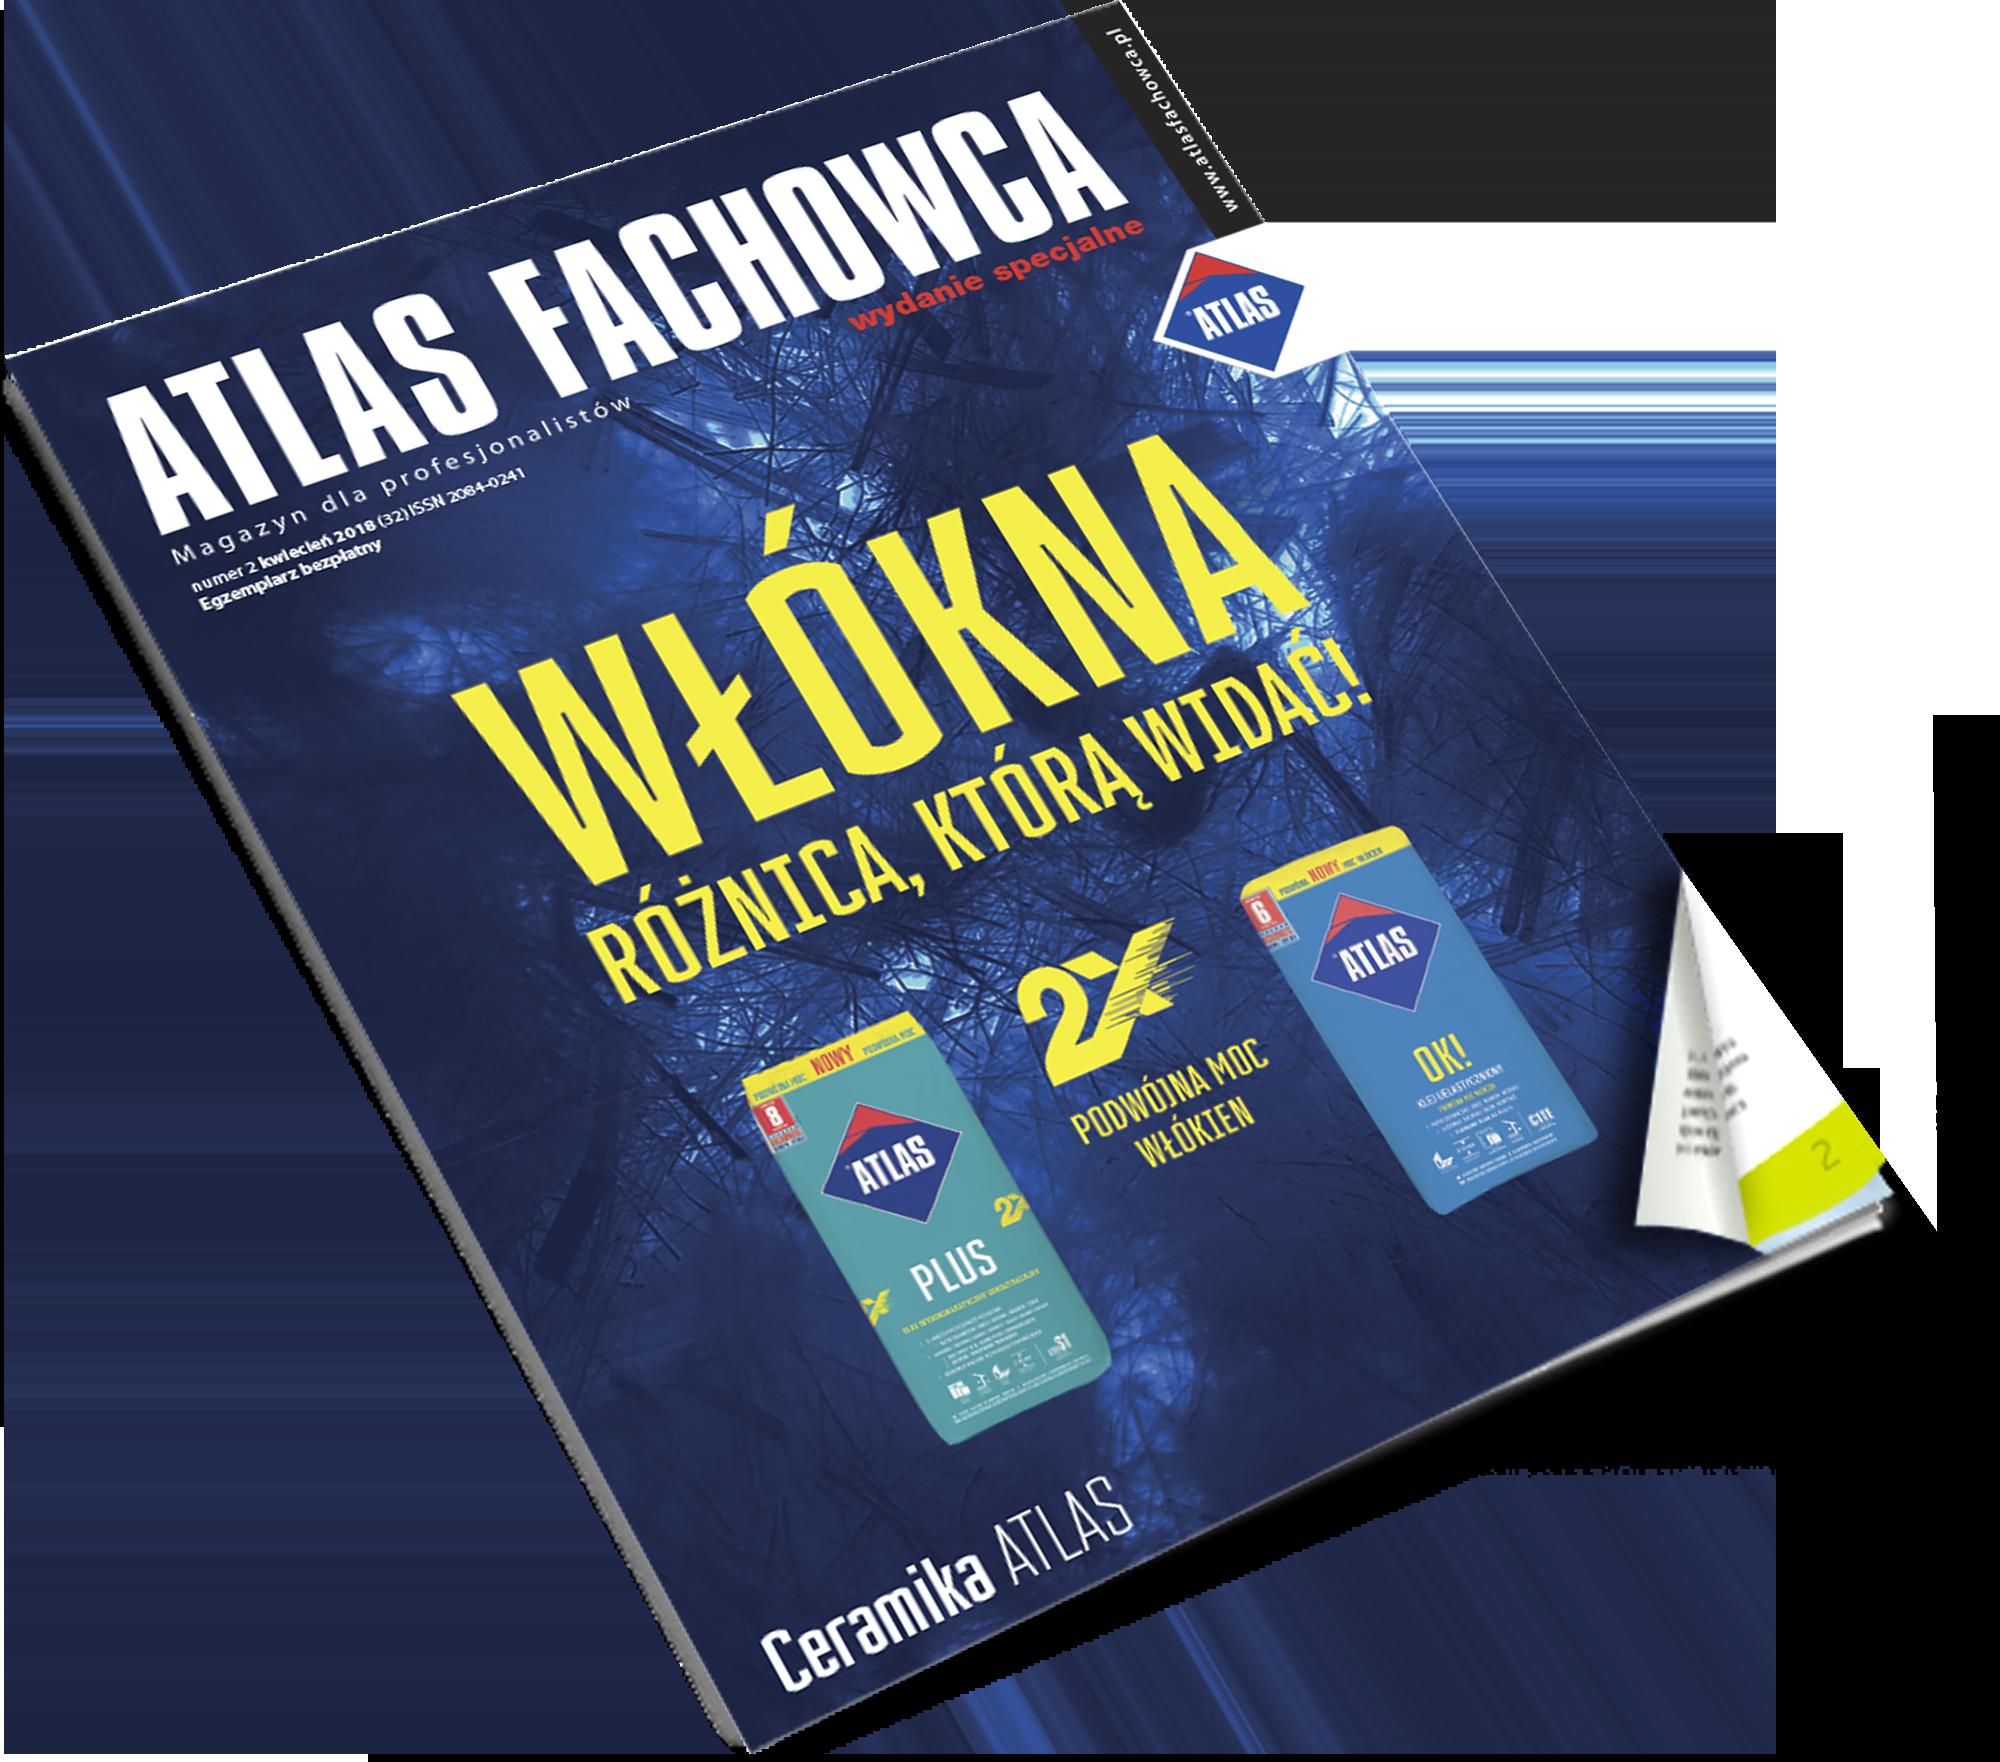 ATLAS Fachowca nr 32